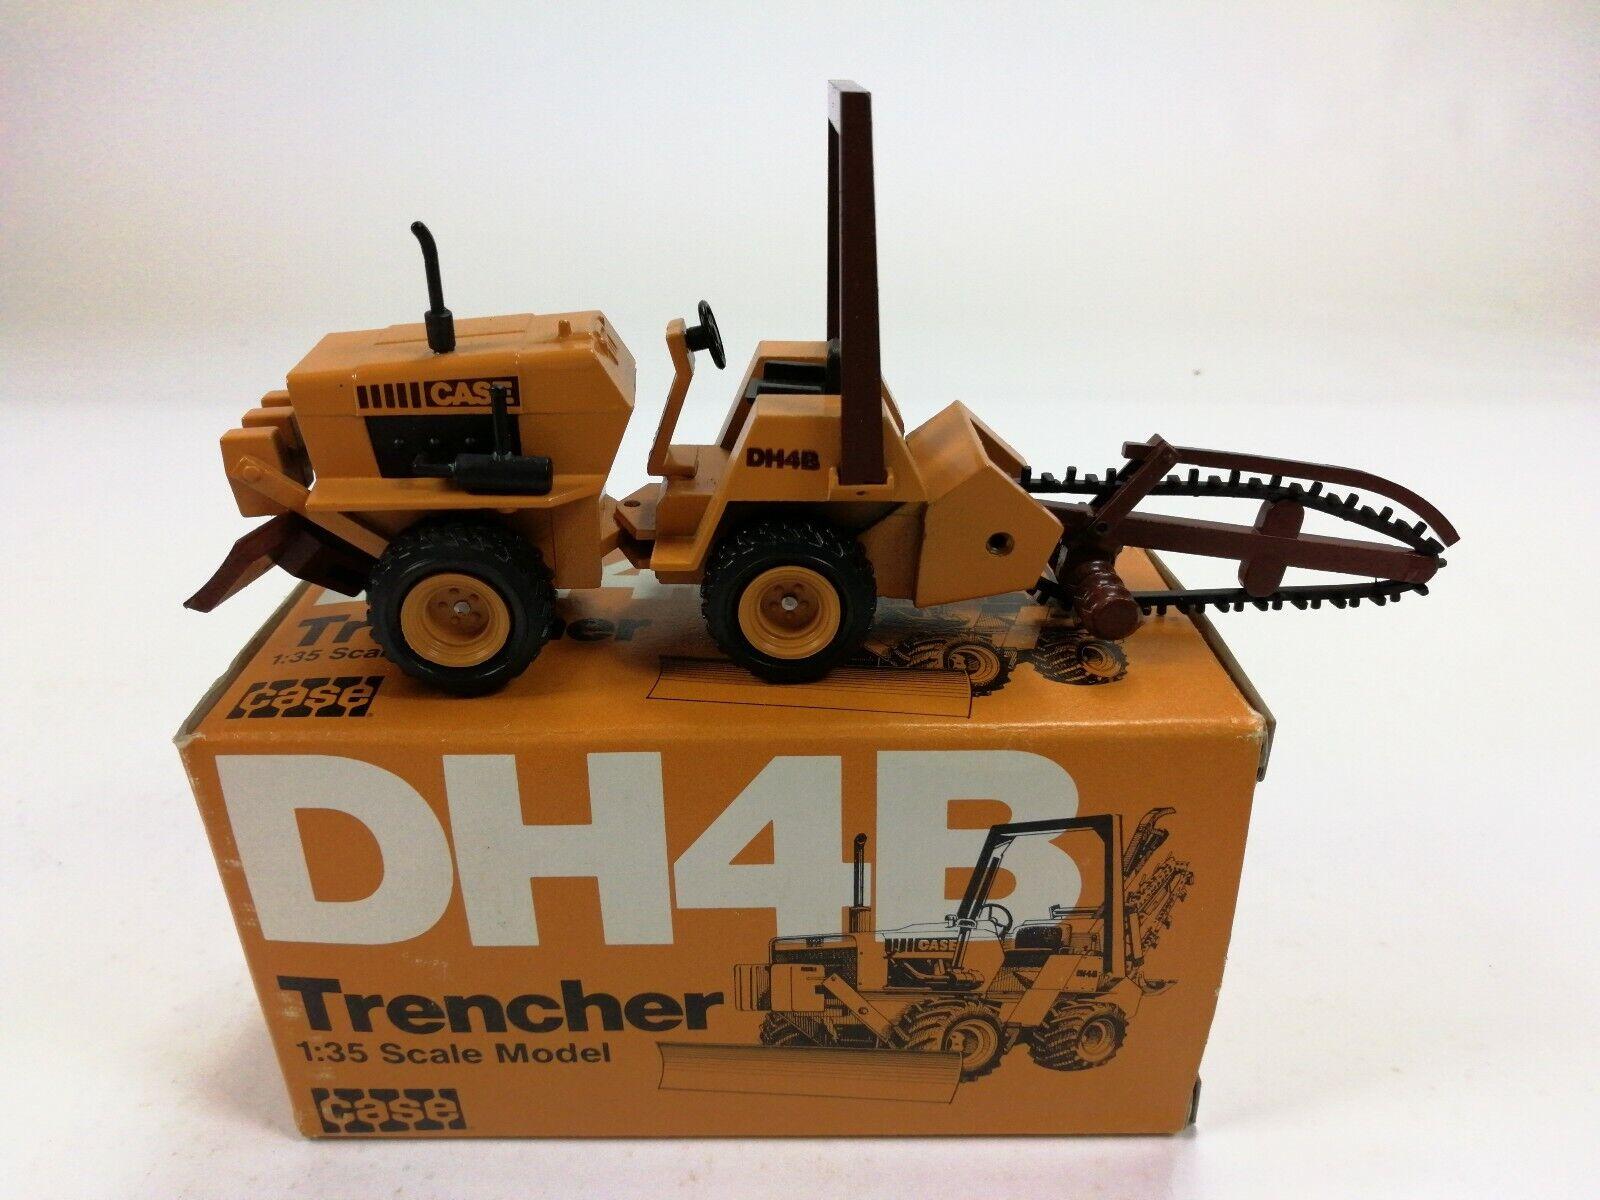 Conrad 1 35 caso DH4B Trencher